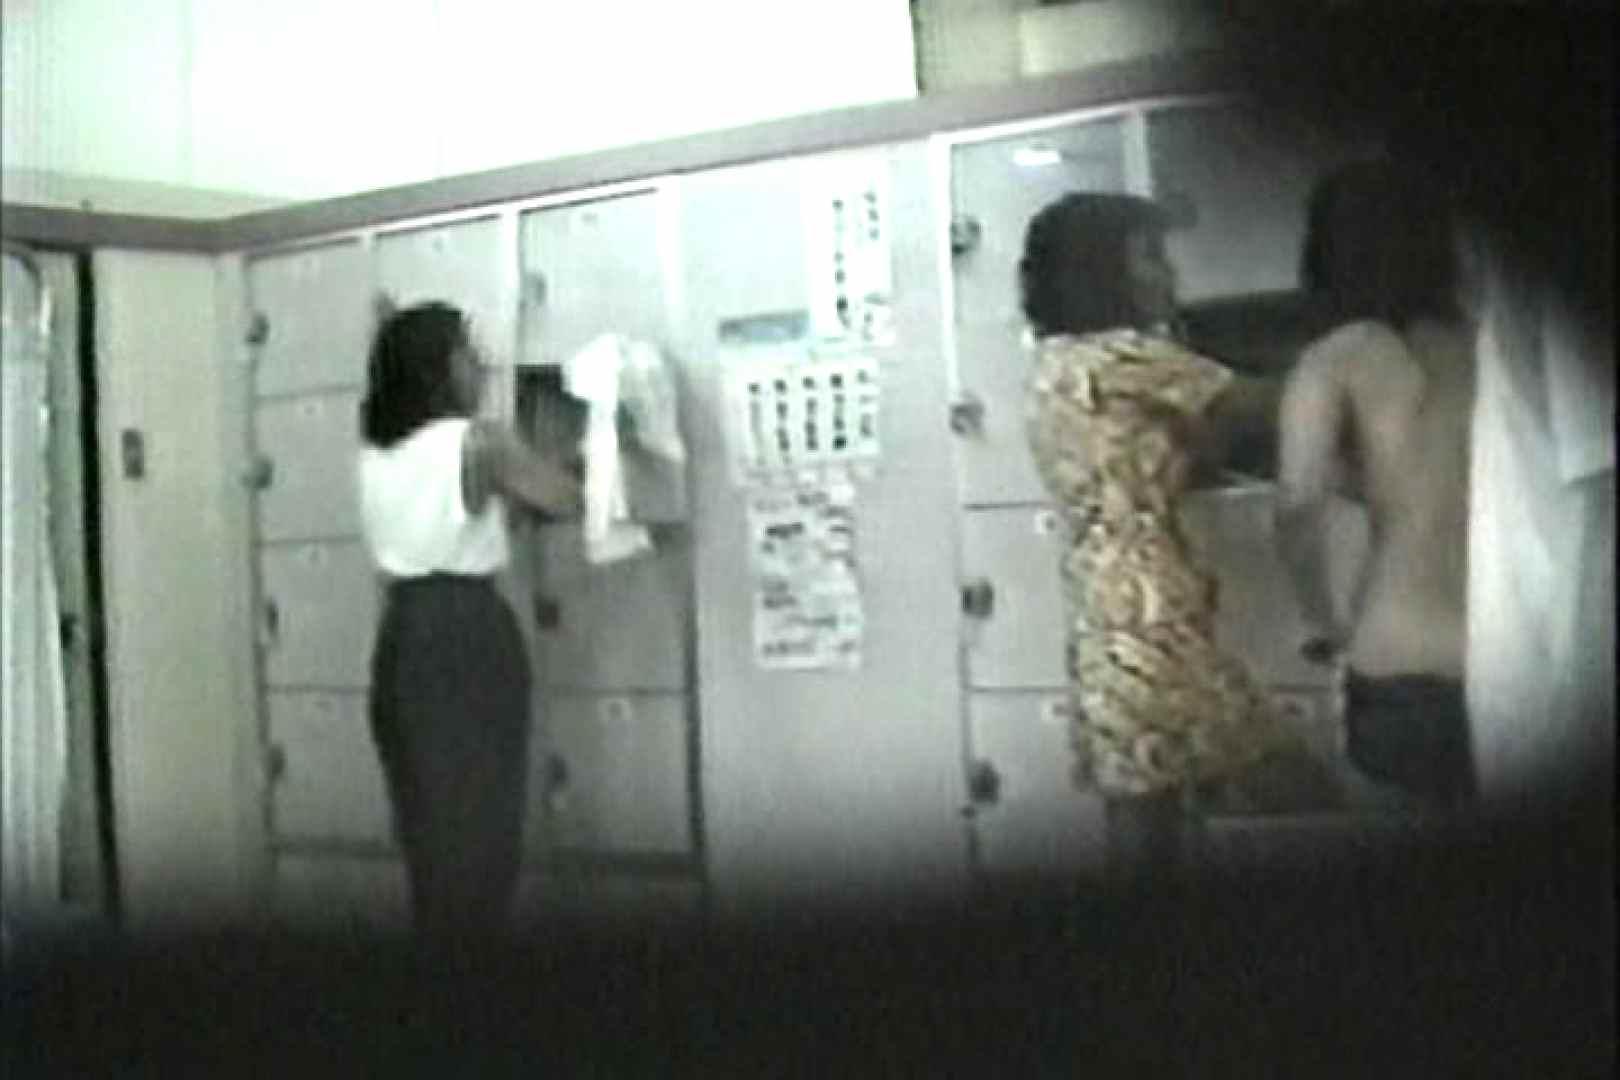 女性だからここまで撮れた 脱衣所盗撮 TK-96 脱衣所 盗み撮りAV無料動画キャプチャ 103画像 87